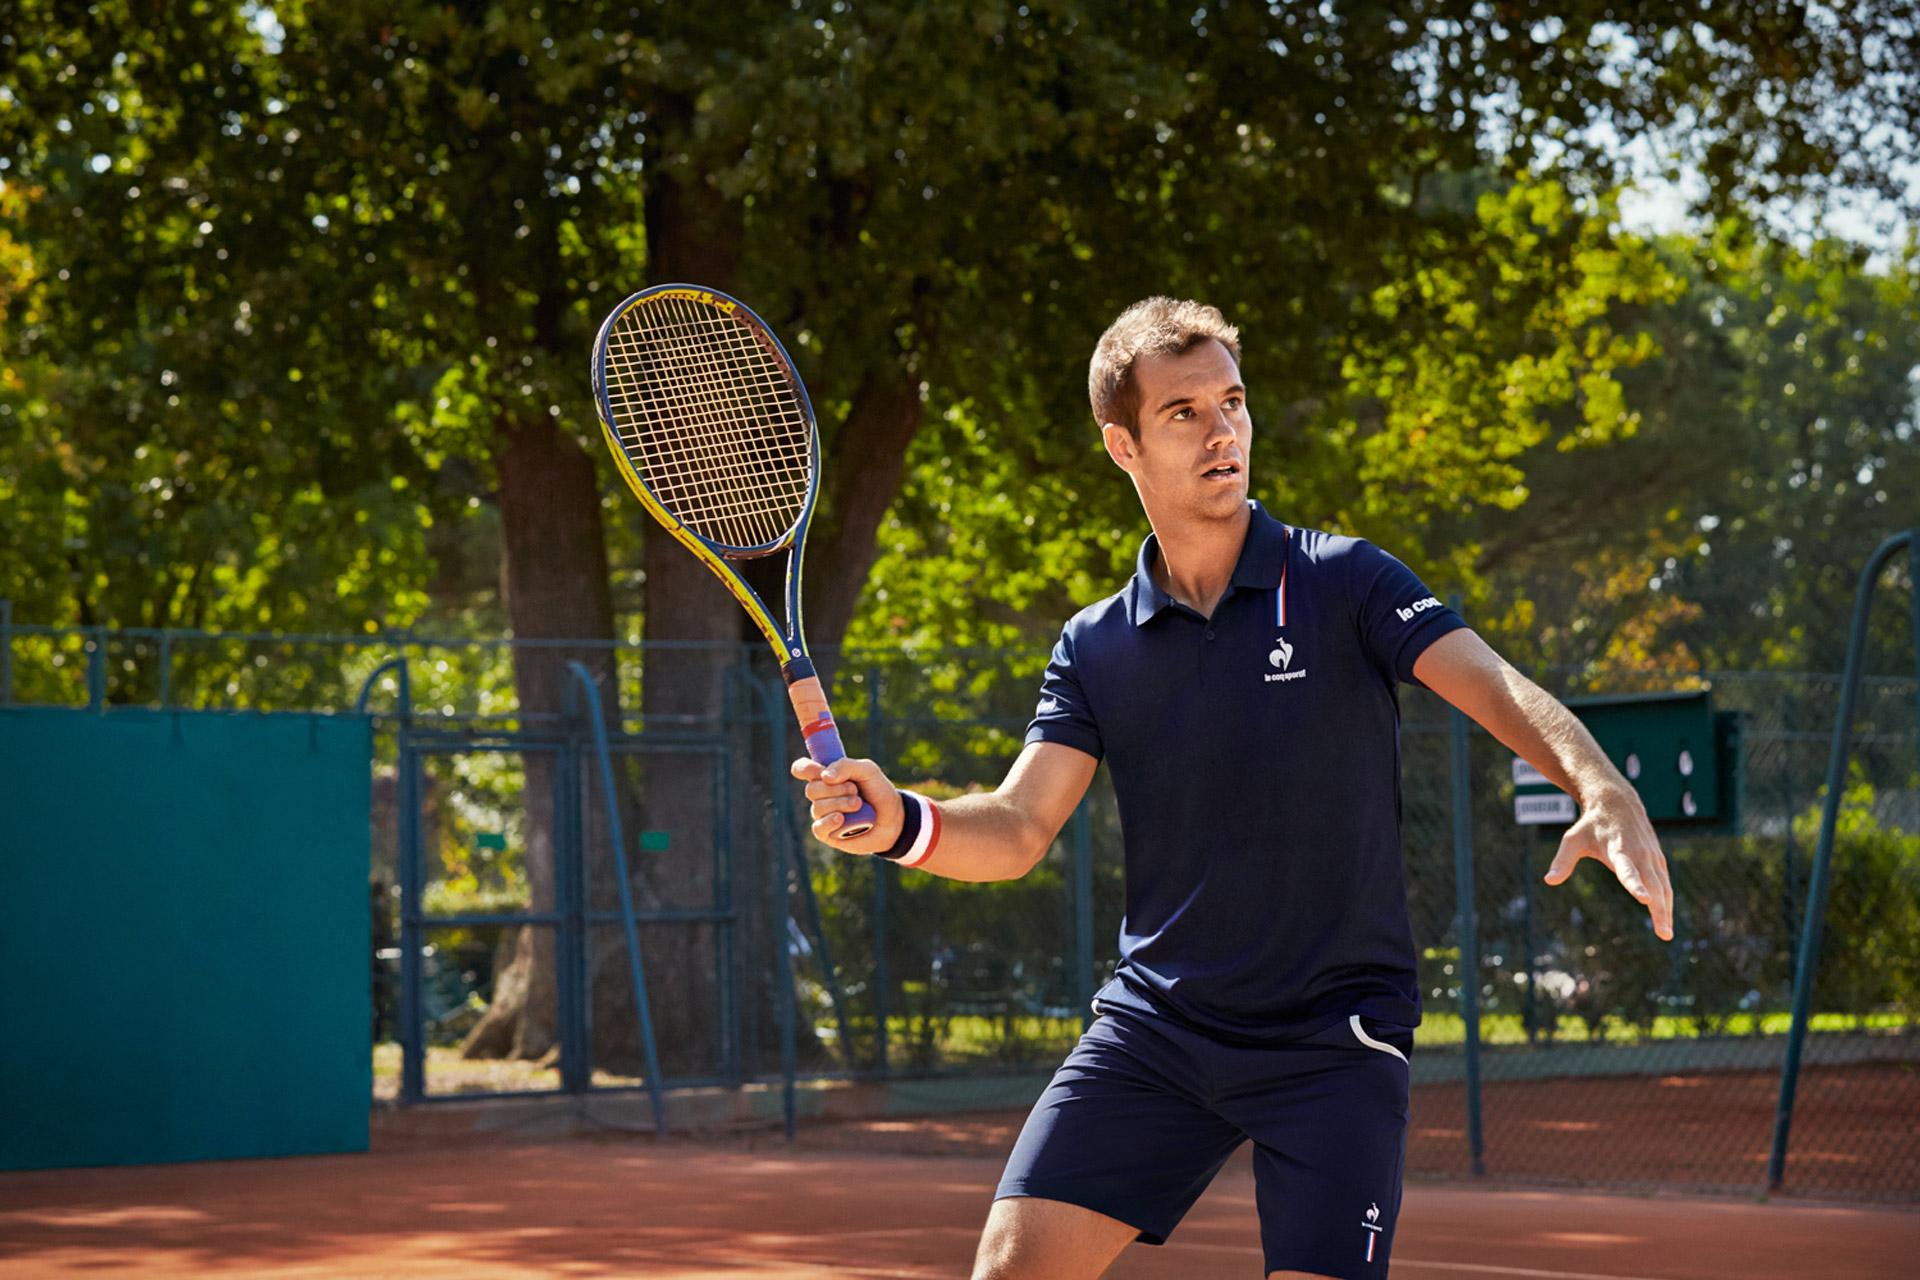 le coq sportif polo tennis